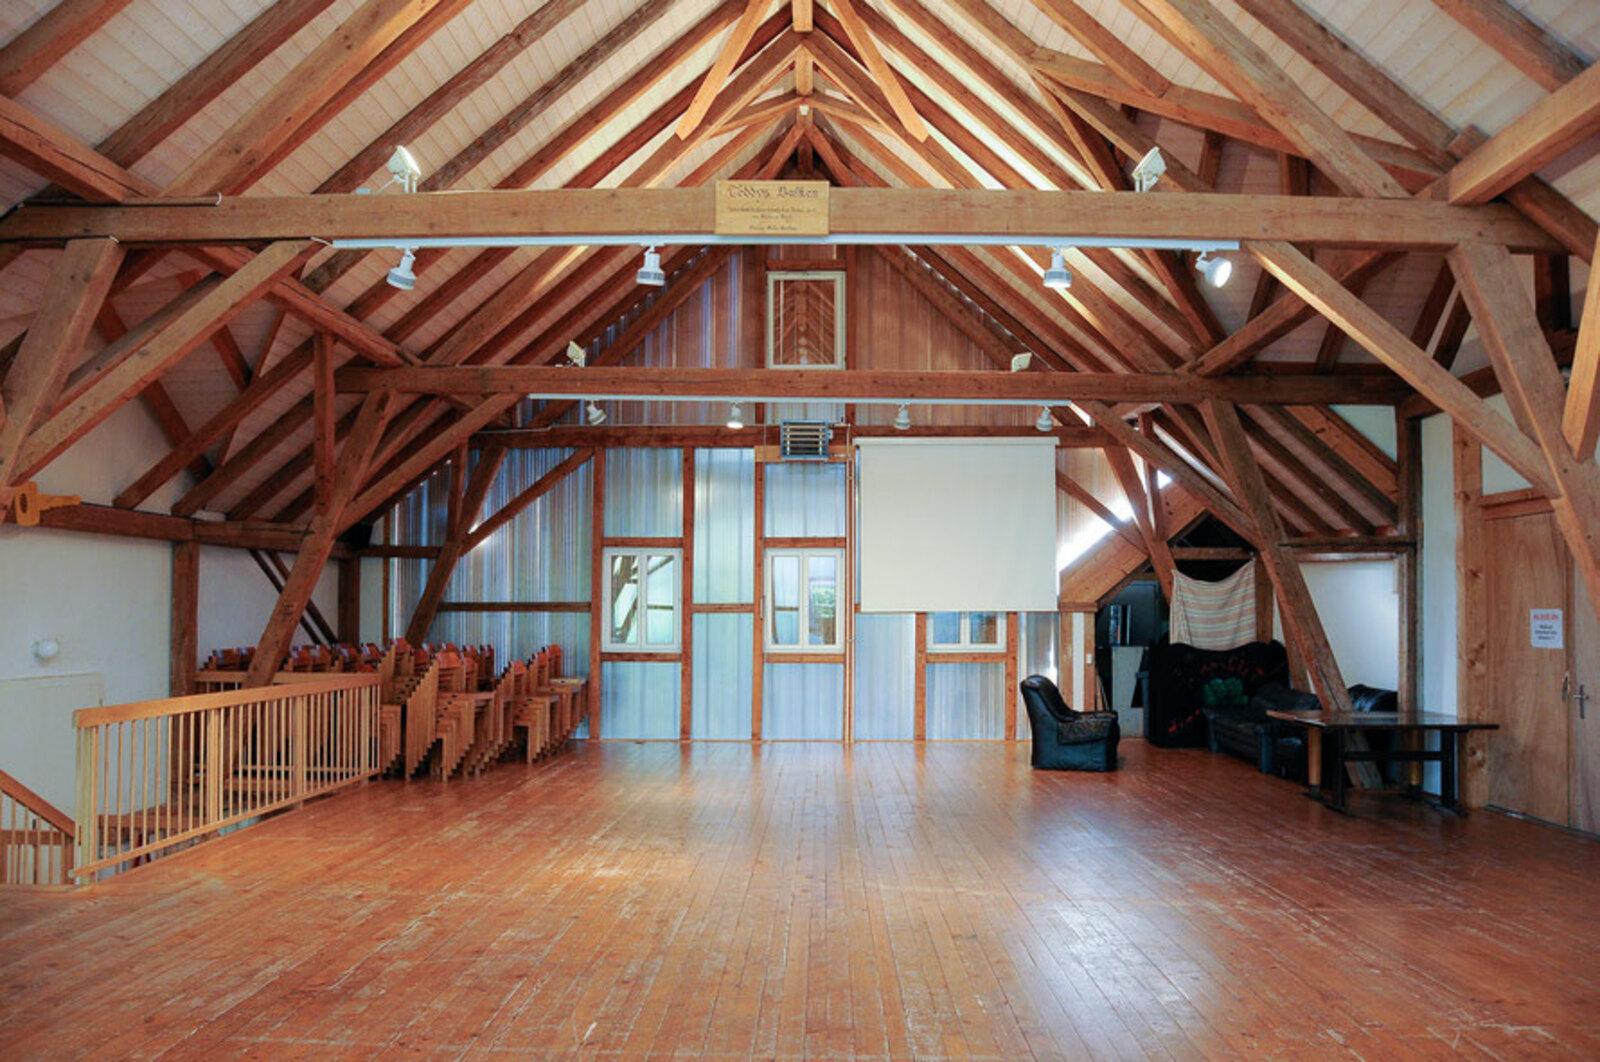 Pfadiheim Buech, 8704 Herrliberg - 9626 - Scheunensaal